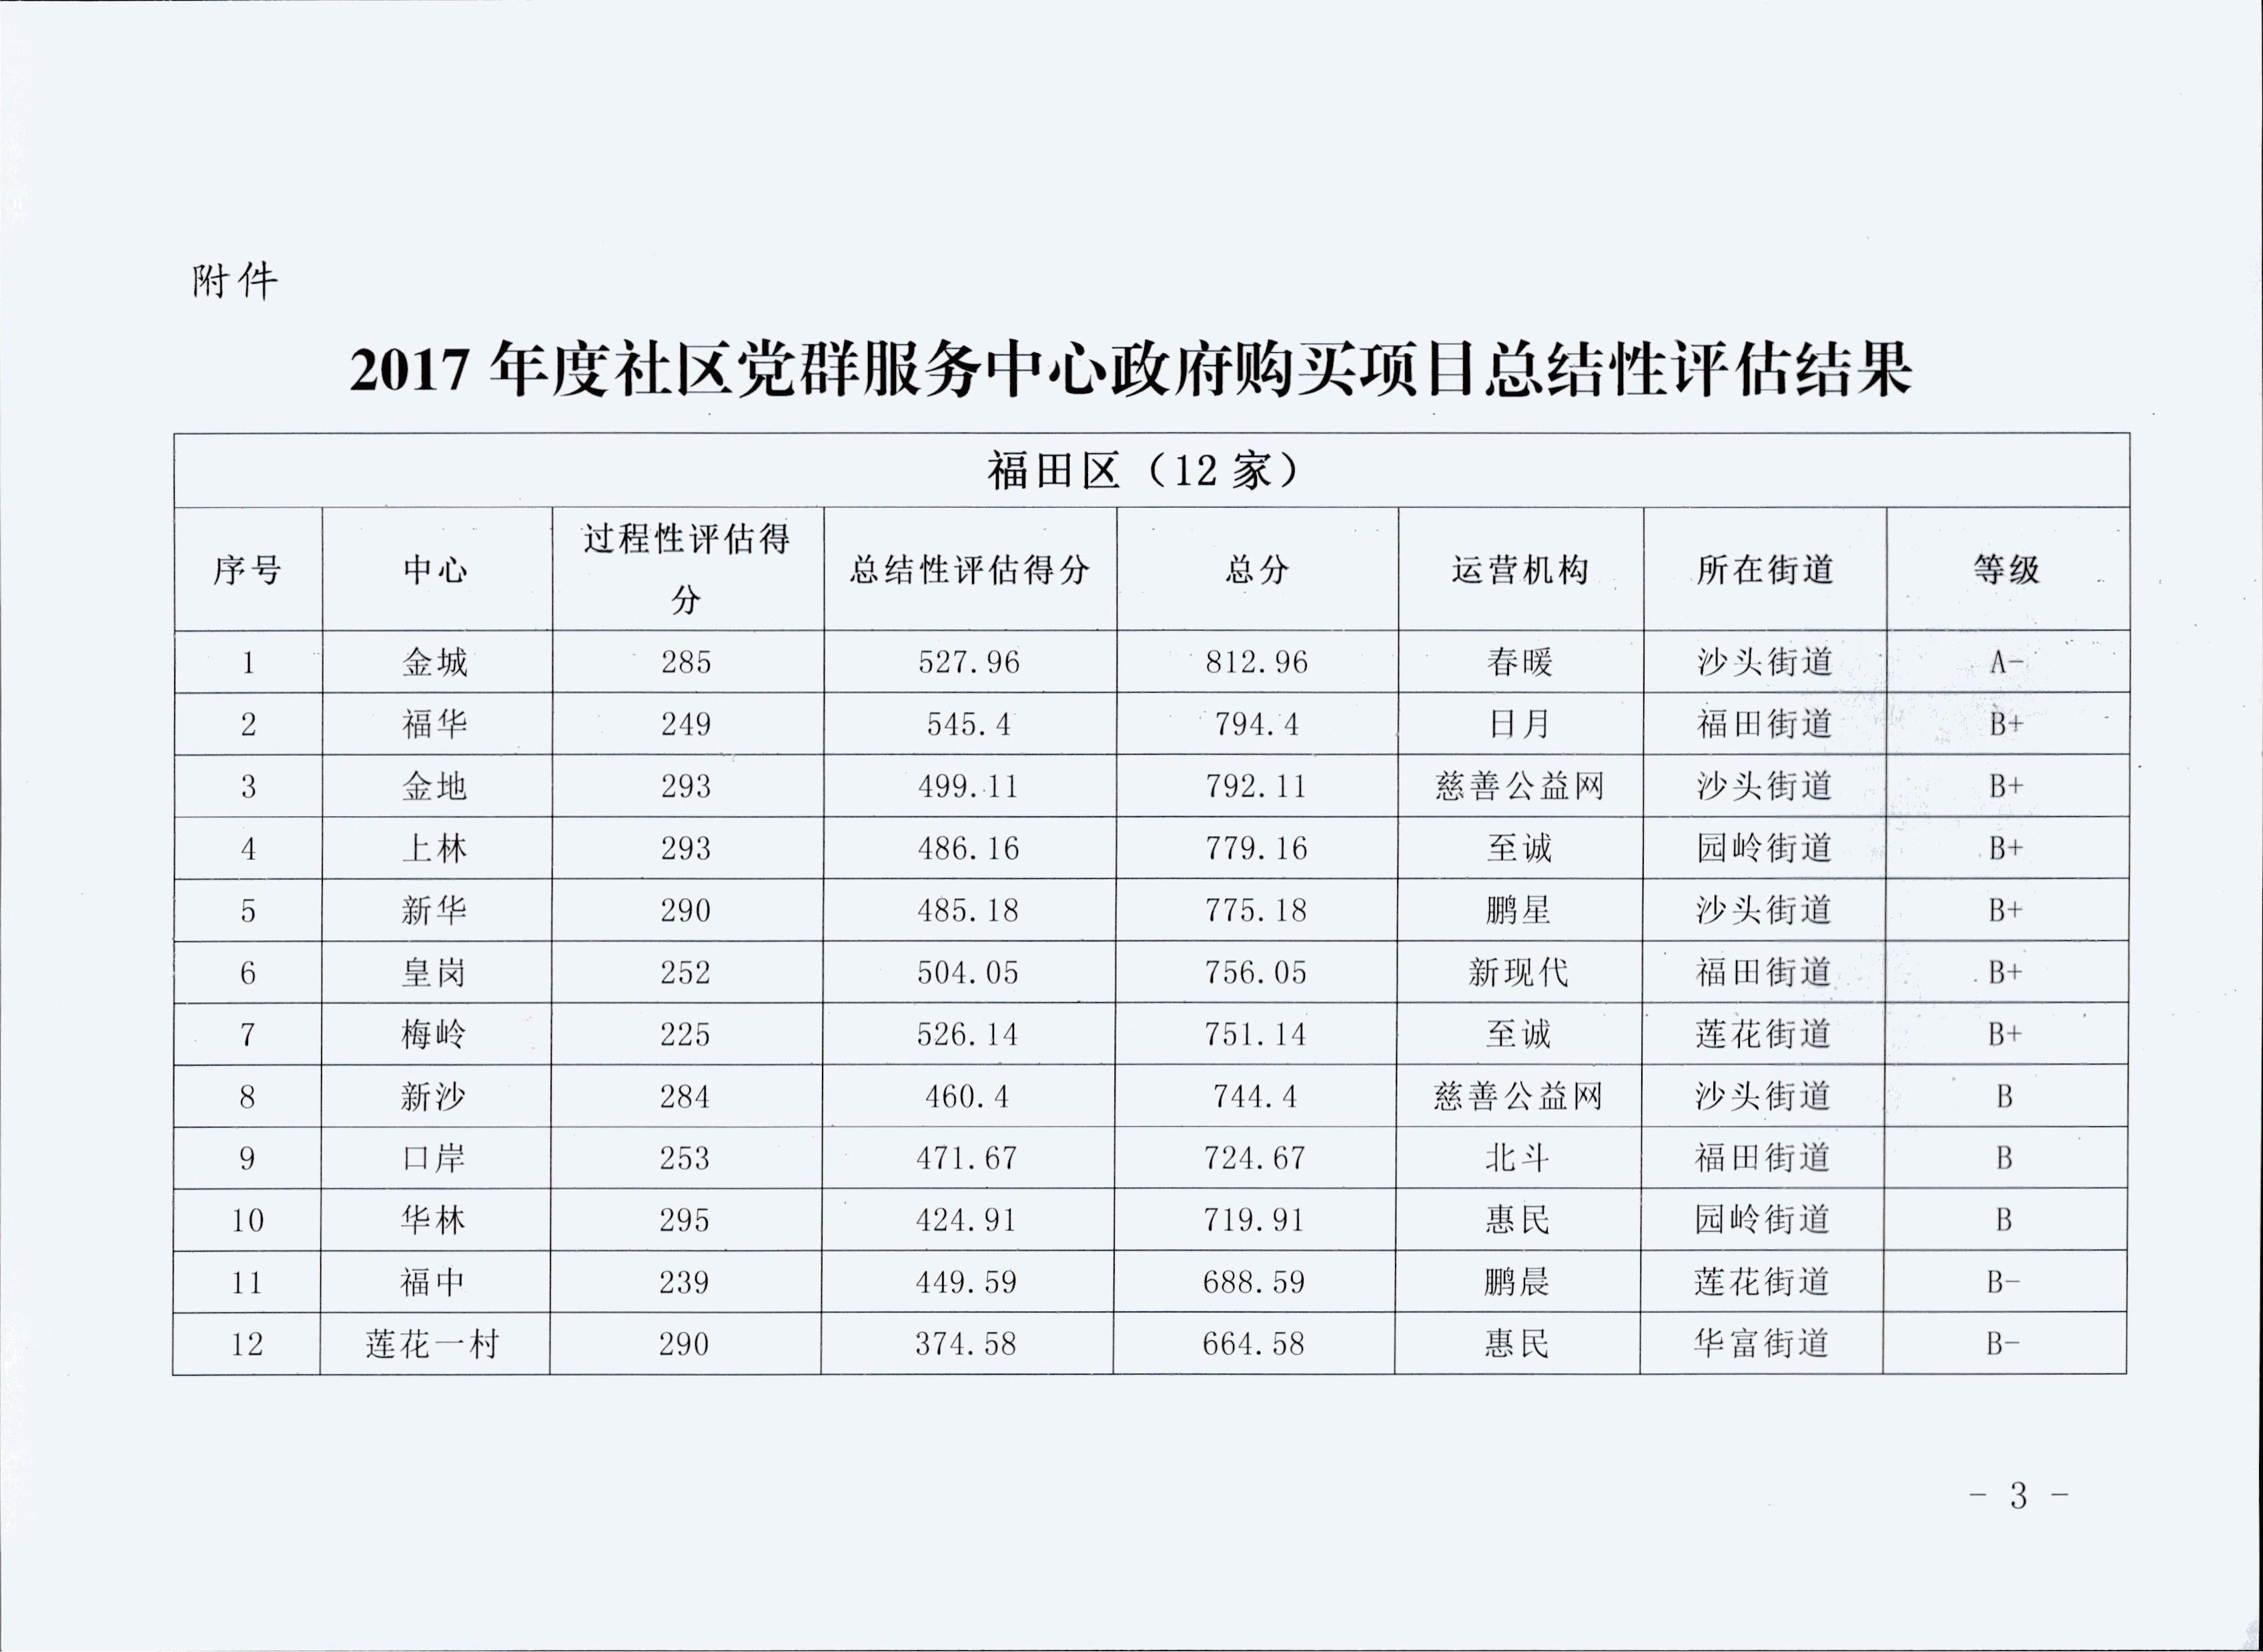 关于公布2017年度社区党群服务中心政府购买项目评估结果的通知